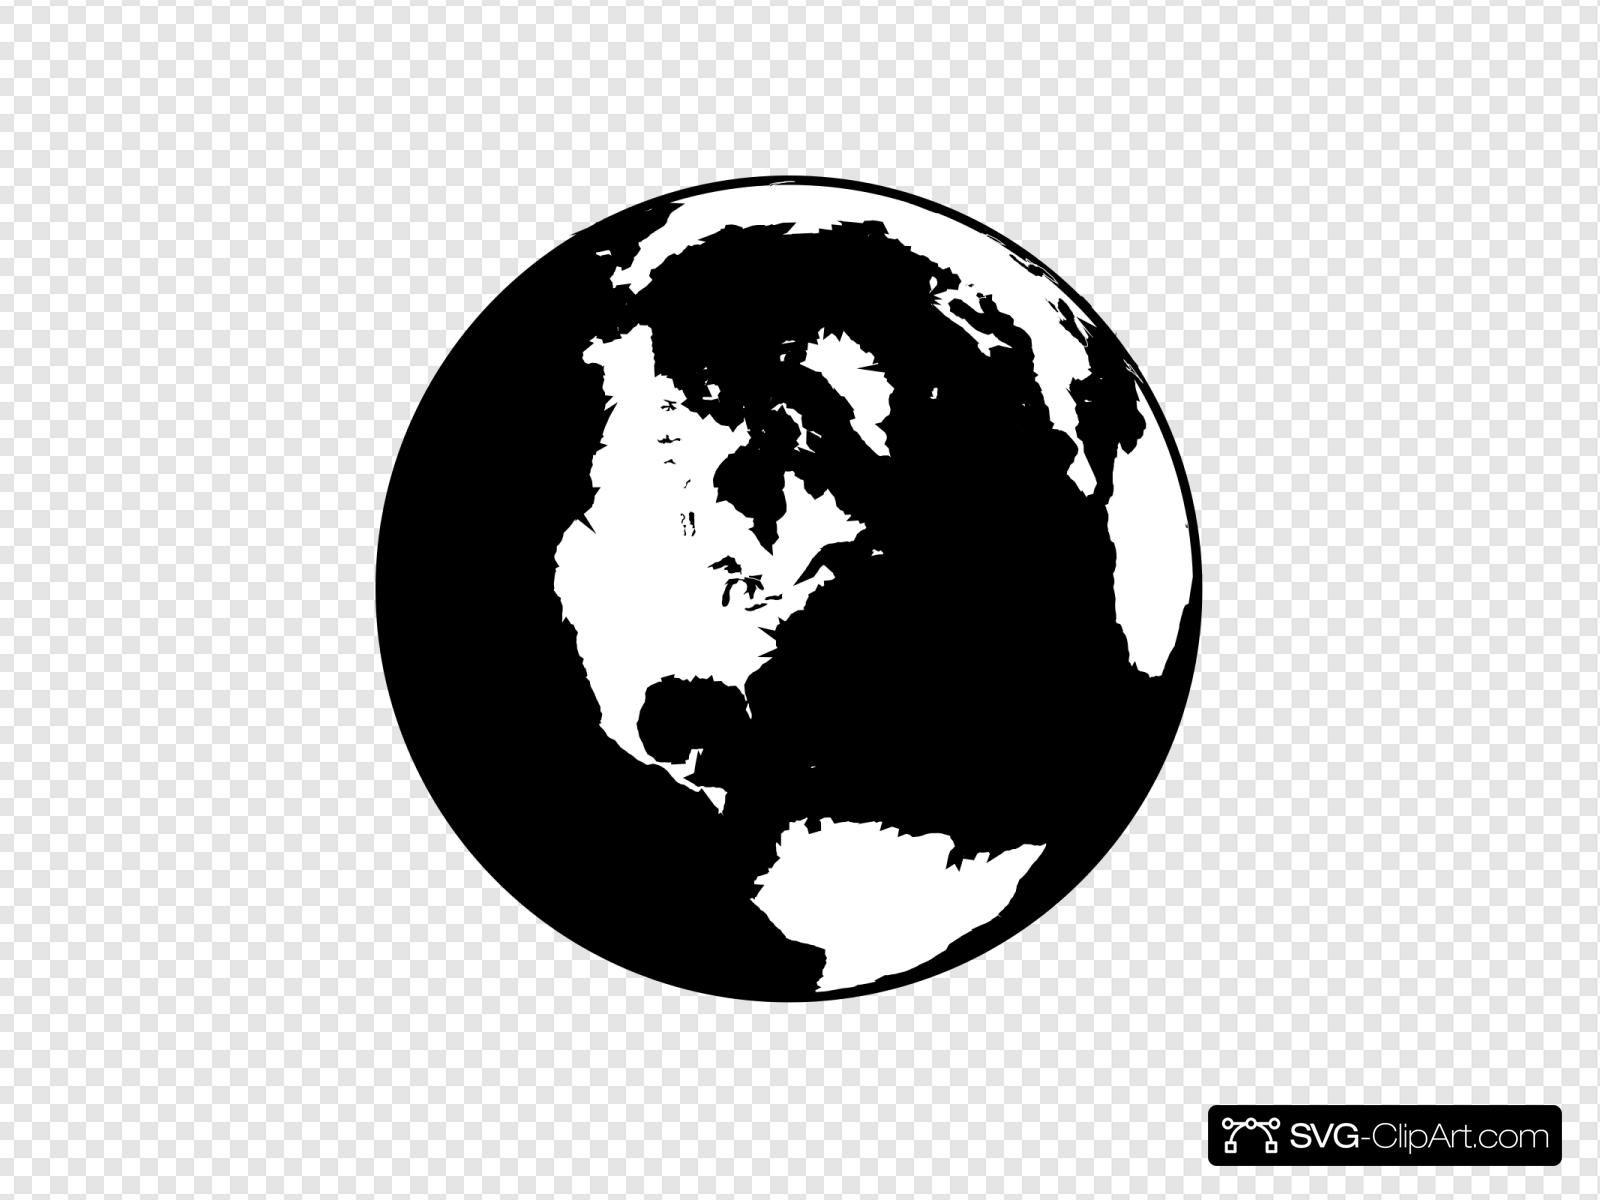 Globe Clipart Black And White Globe Clipart Clipart Black And White Globe Art